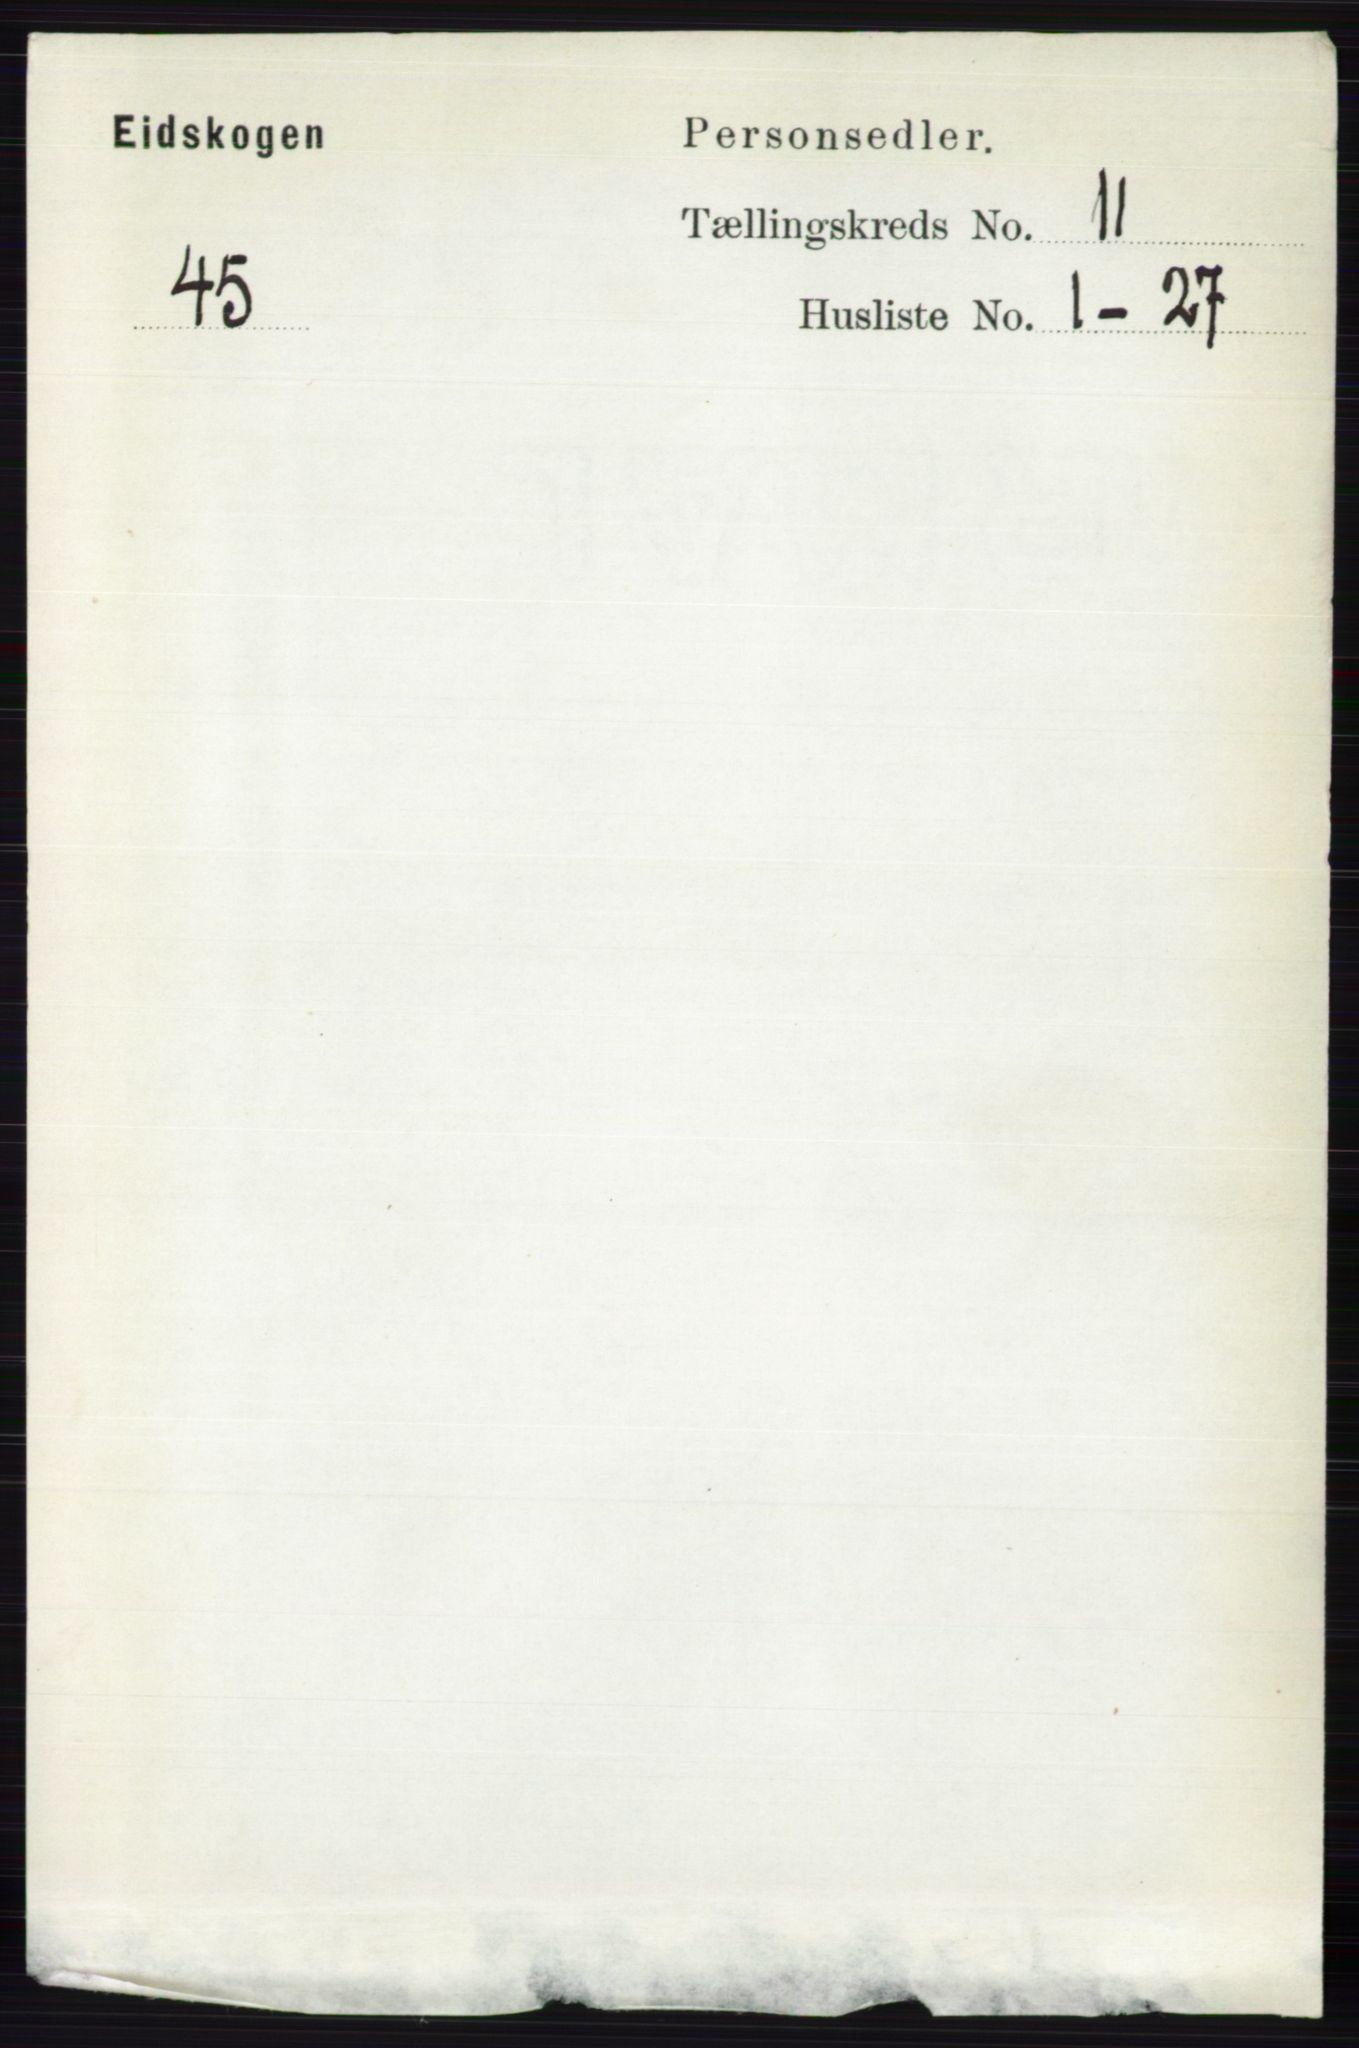 RA, Folketelling 1891 for 0420 Eidskog herred, 1891, s. 6763